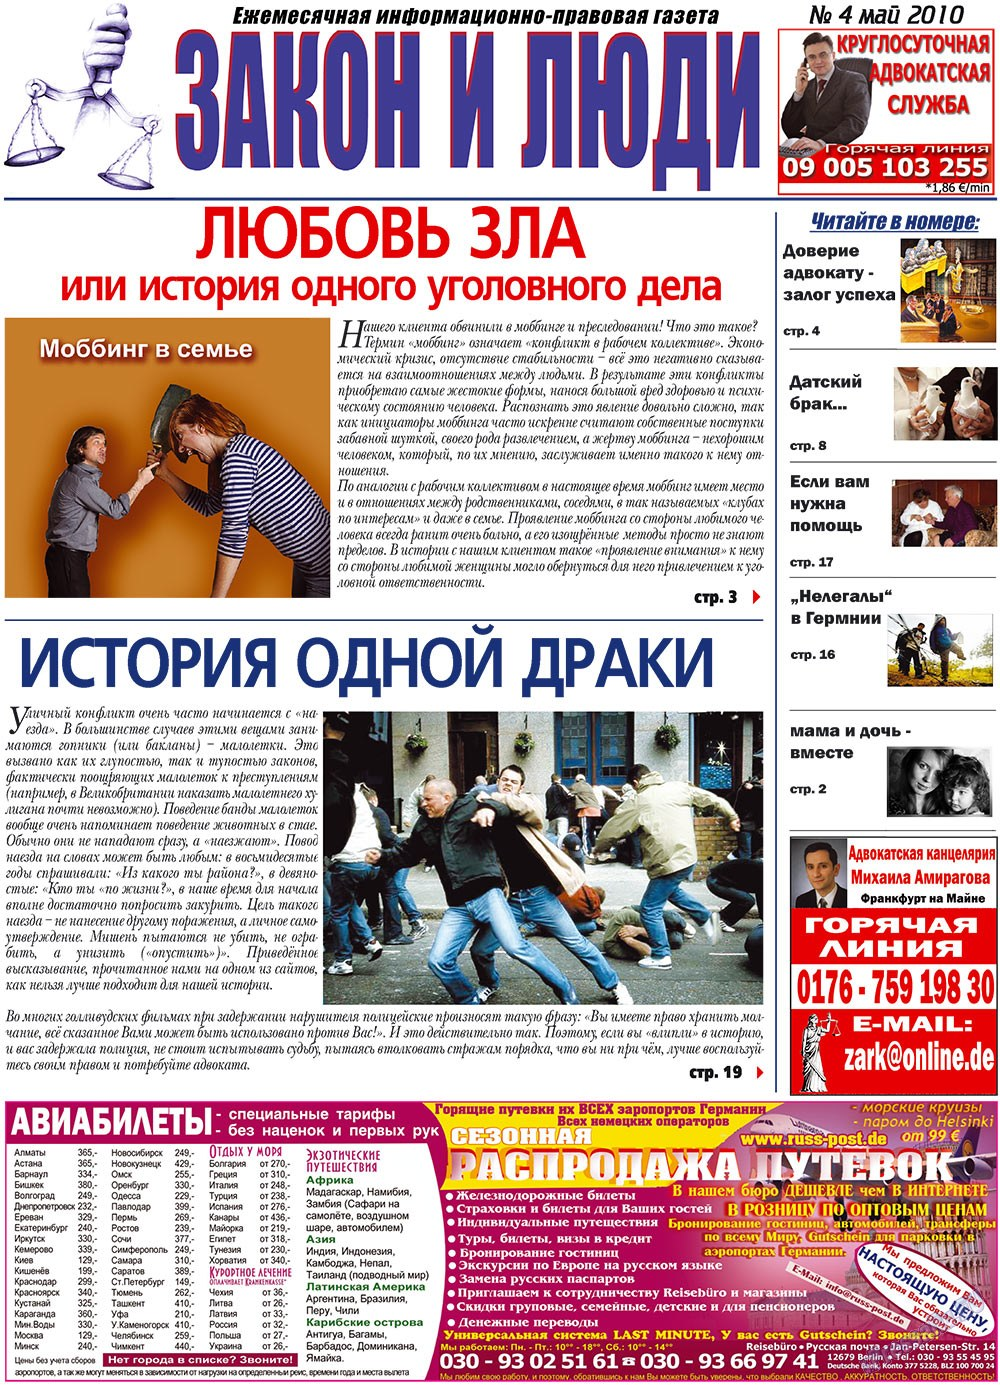 Закон и люди (газета). 2010 год, номер 4, стр. 1